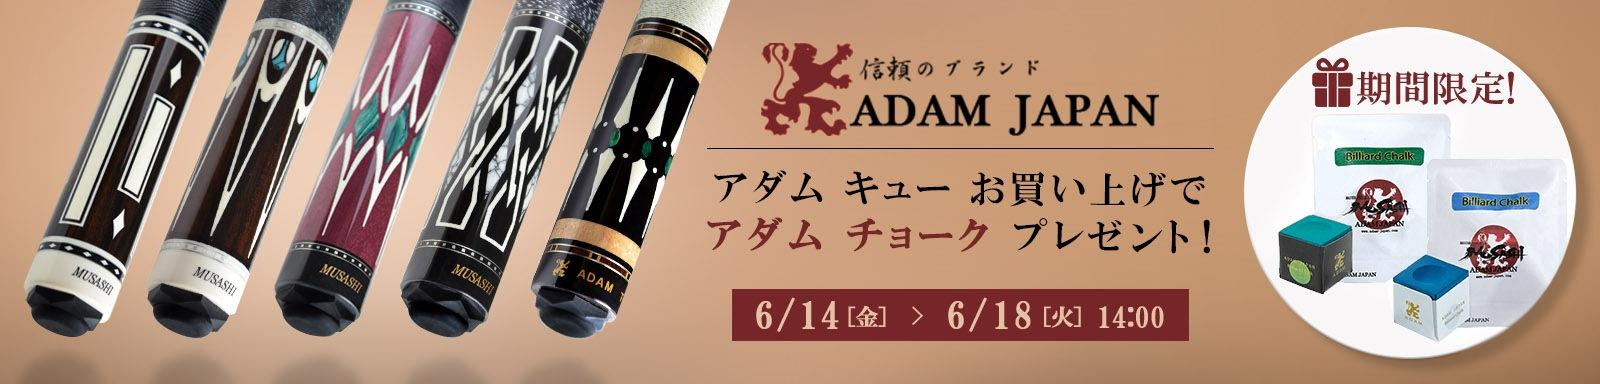 ADAM CUE チョークプレゼントキャンペーン